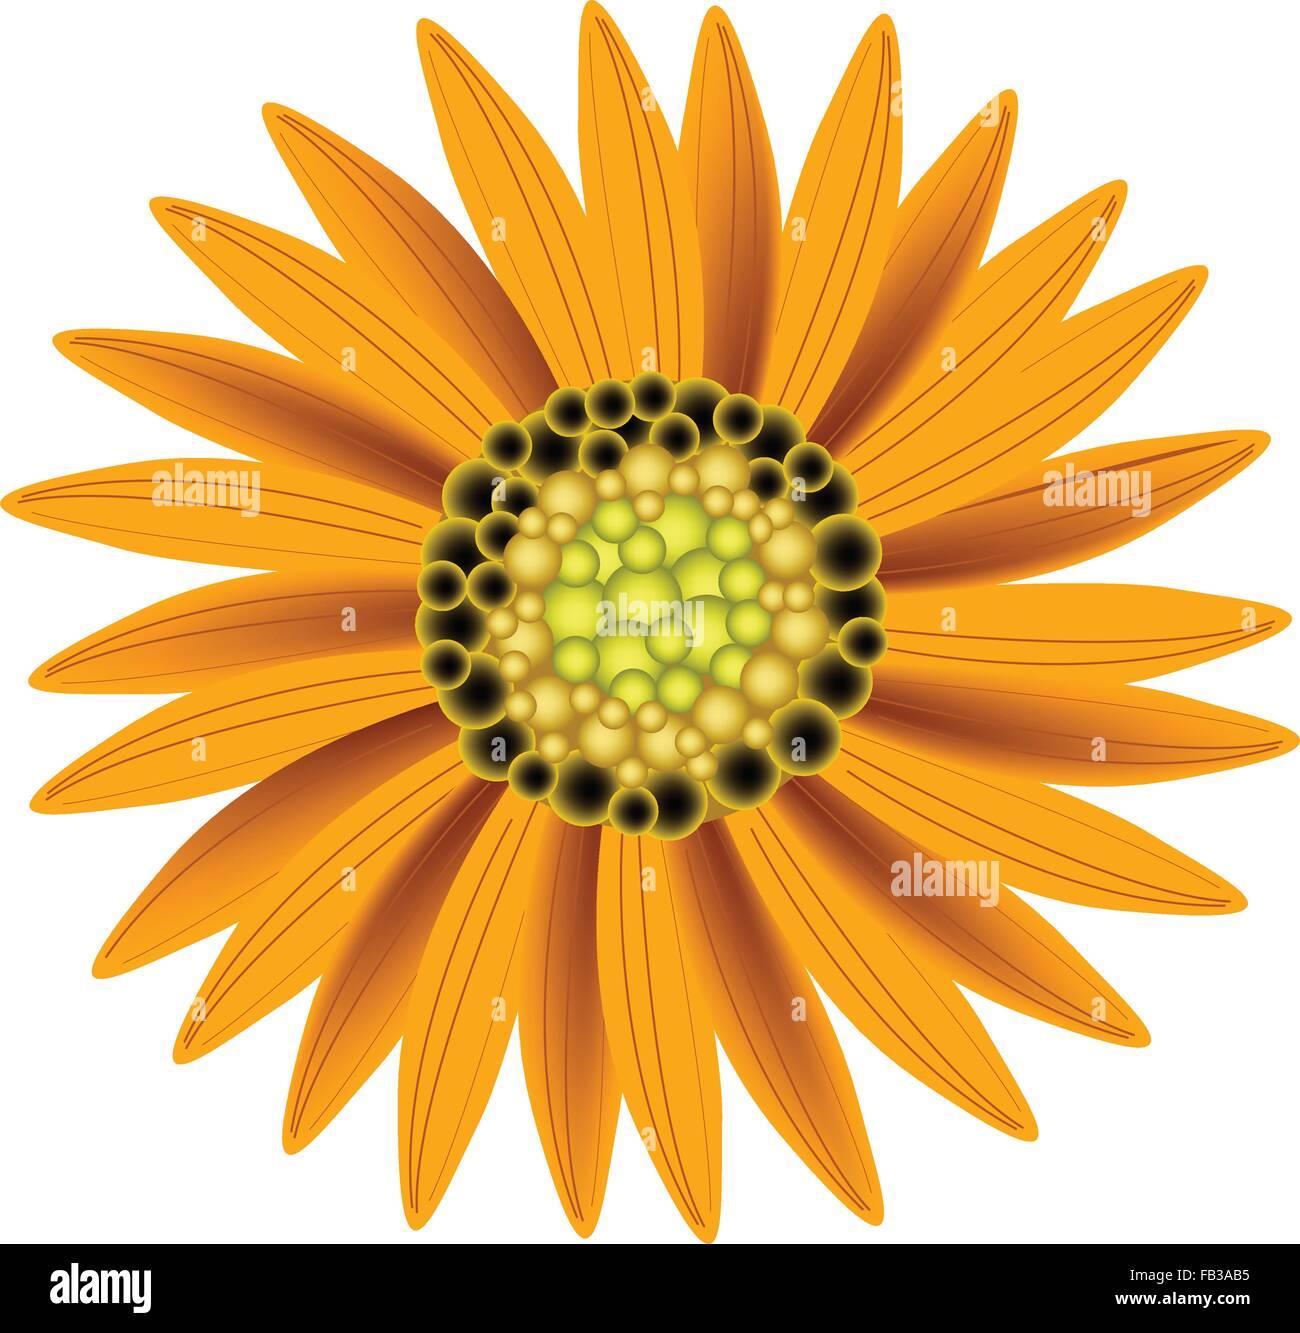 Schöne Blume, Illustration helle und schöne Orange Farben von ...